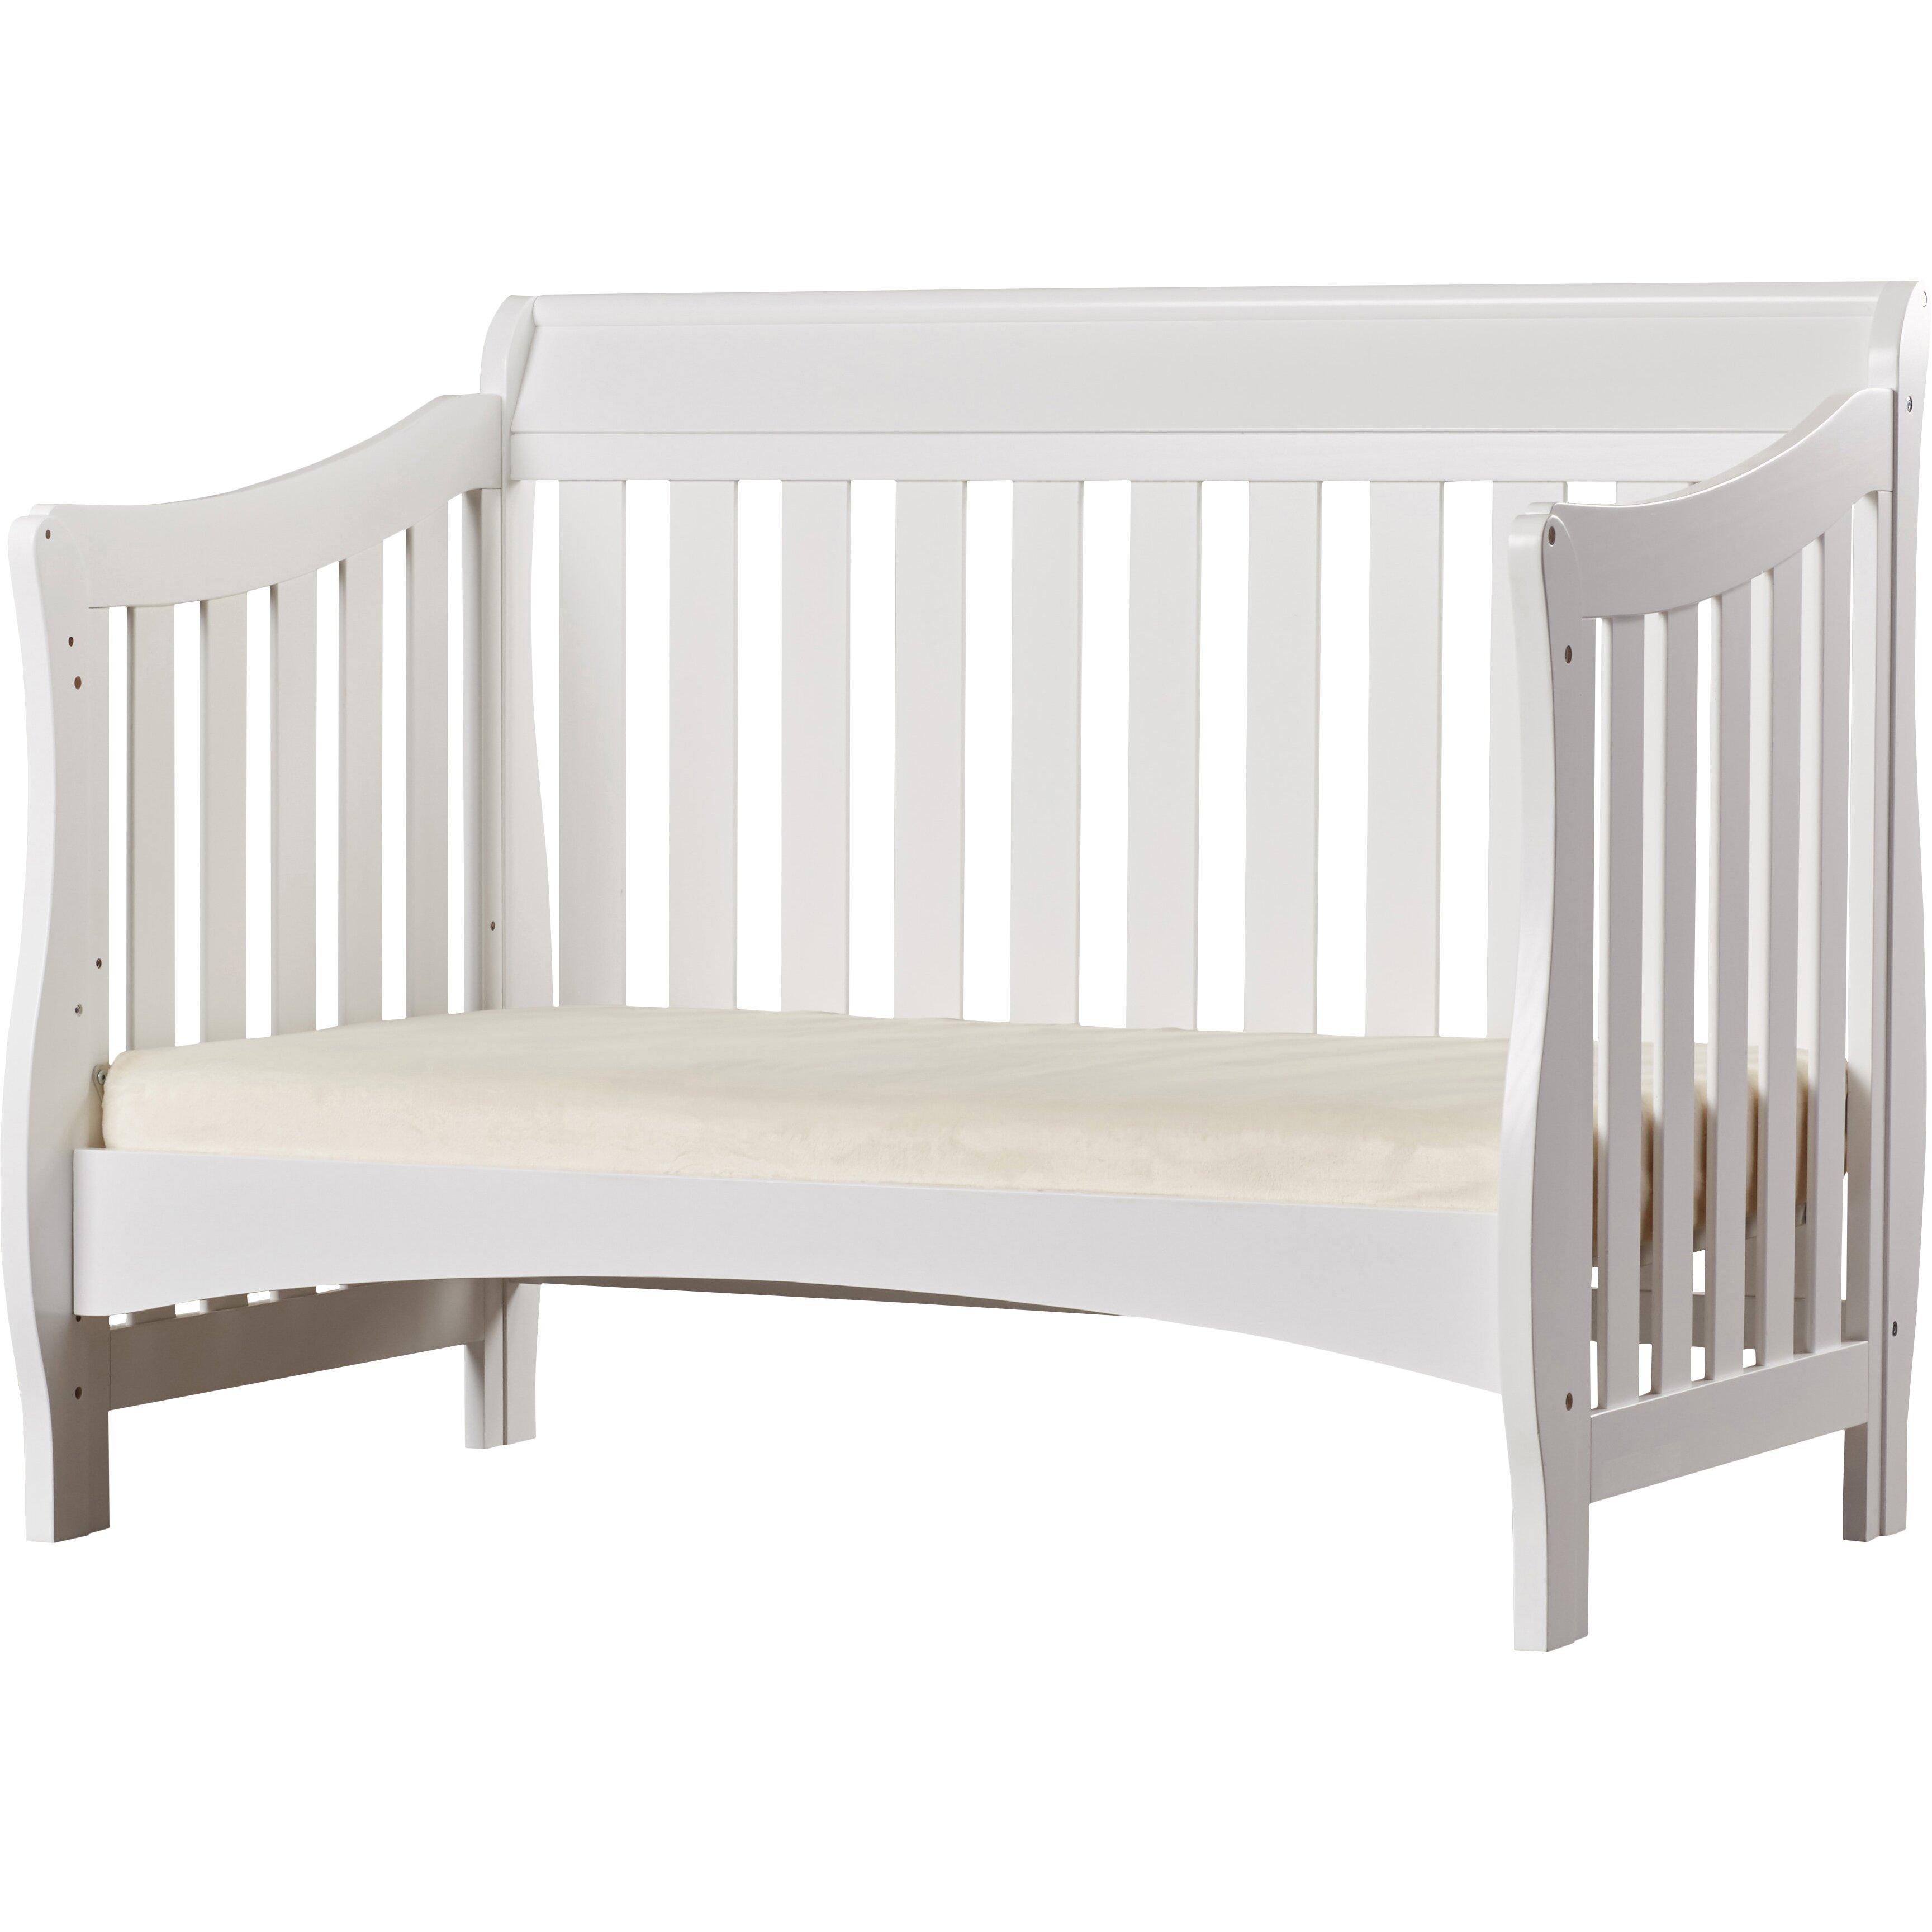 Crib mattress - Viv Rae Trade Dudley 5 Quot